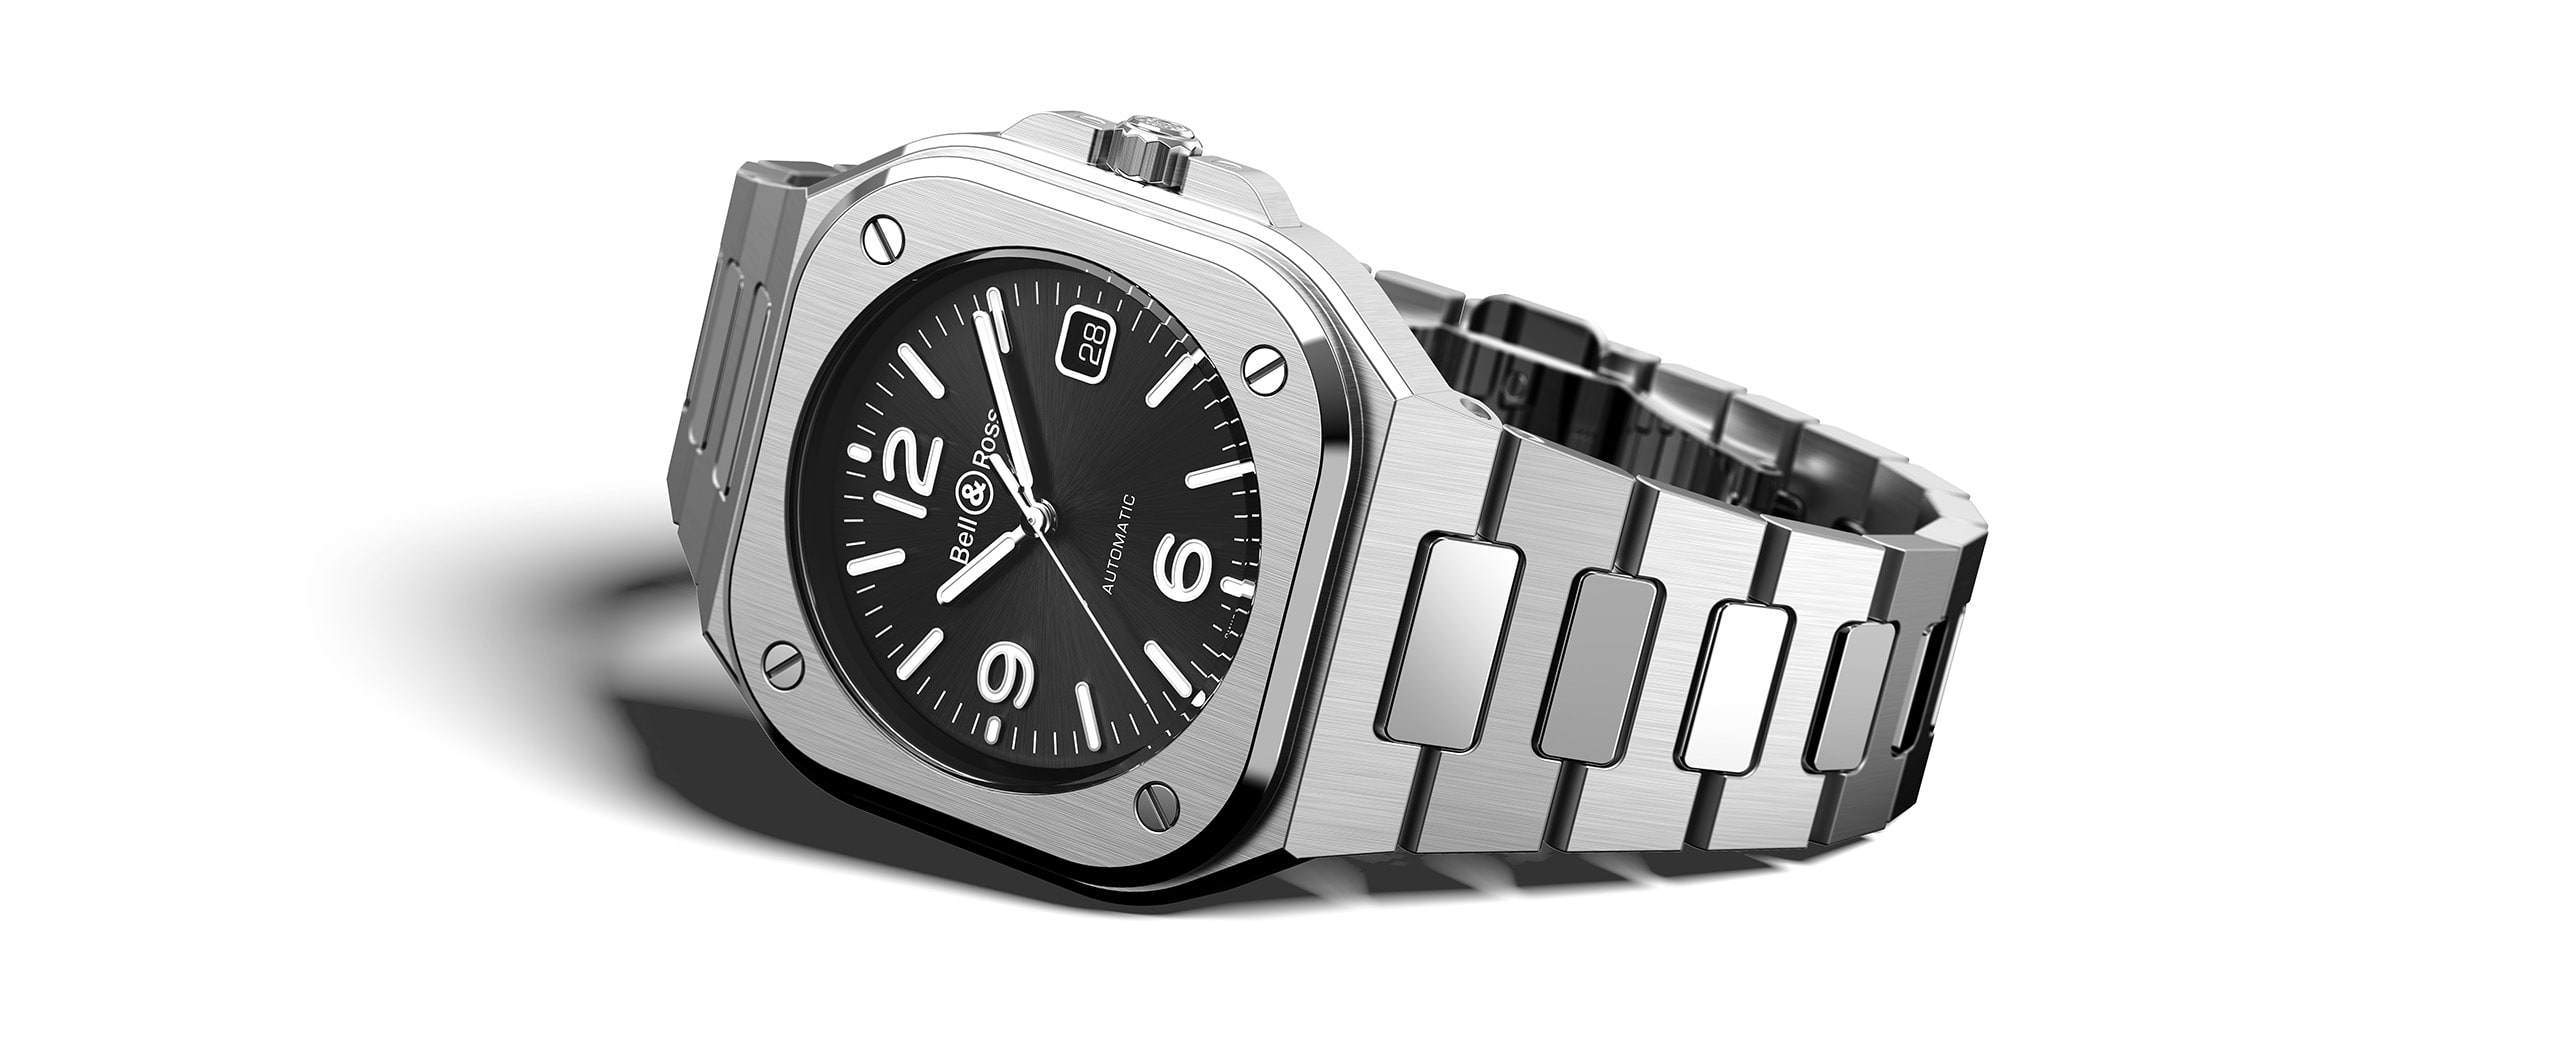 ベルロスの時計「BR-05」